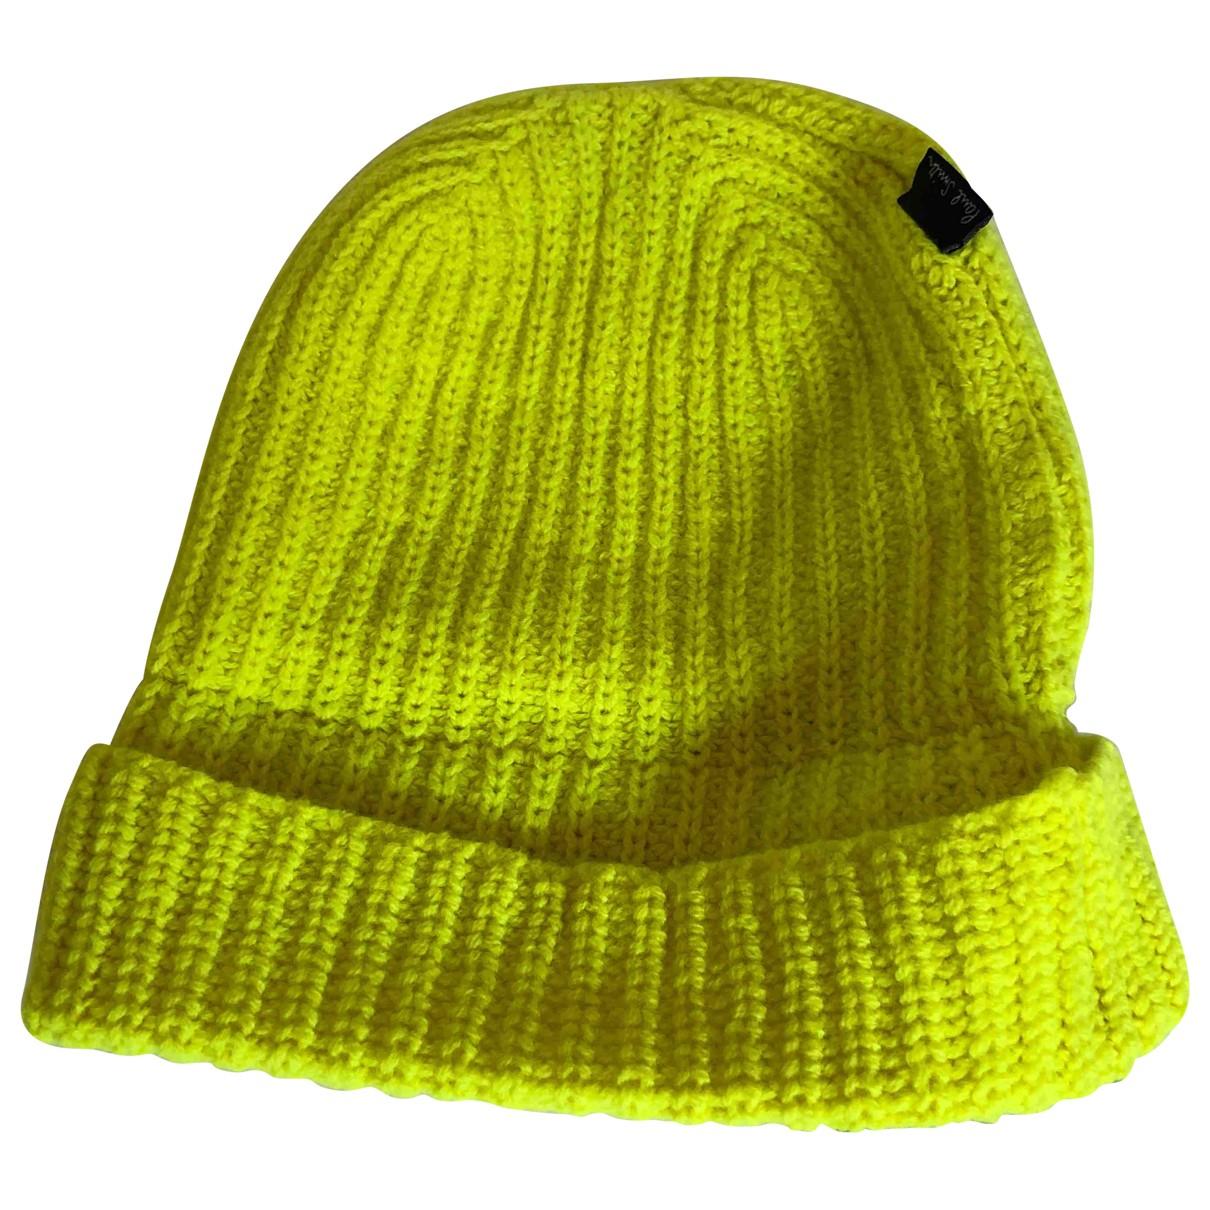 Paul Smith \N Hut, Muetzen in  Gelb Wolle